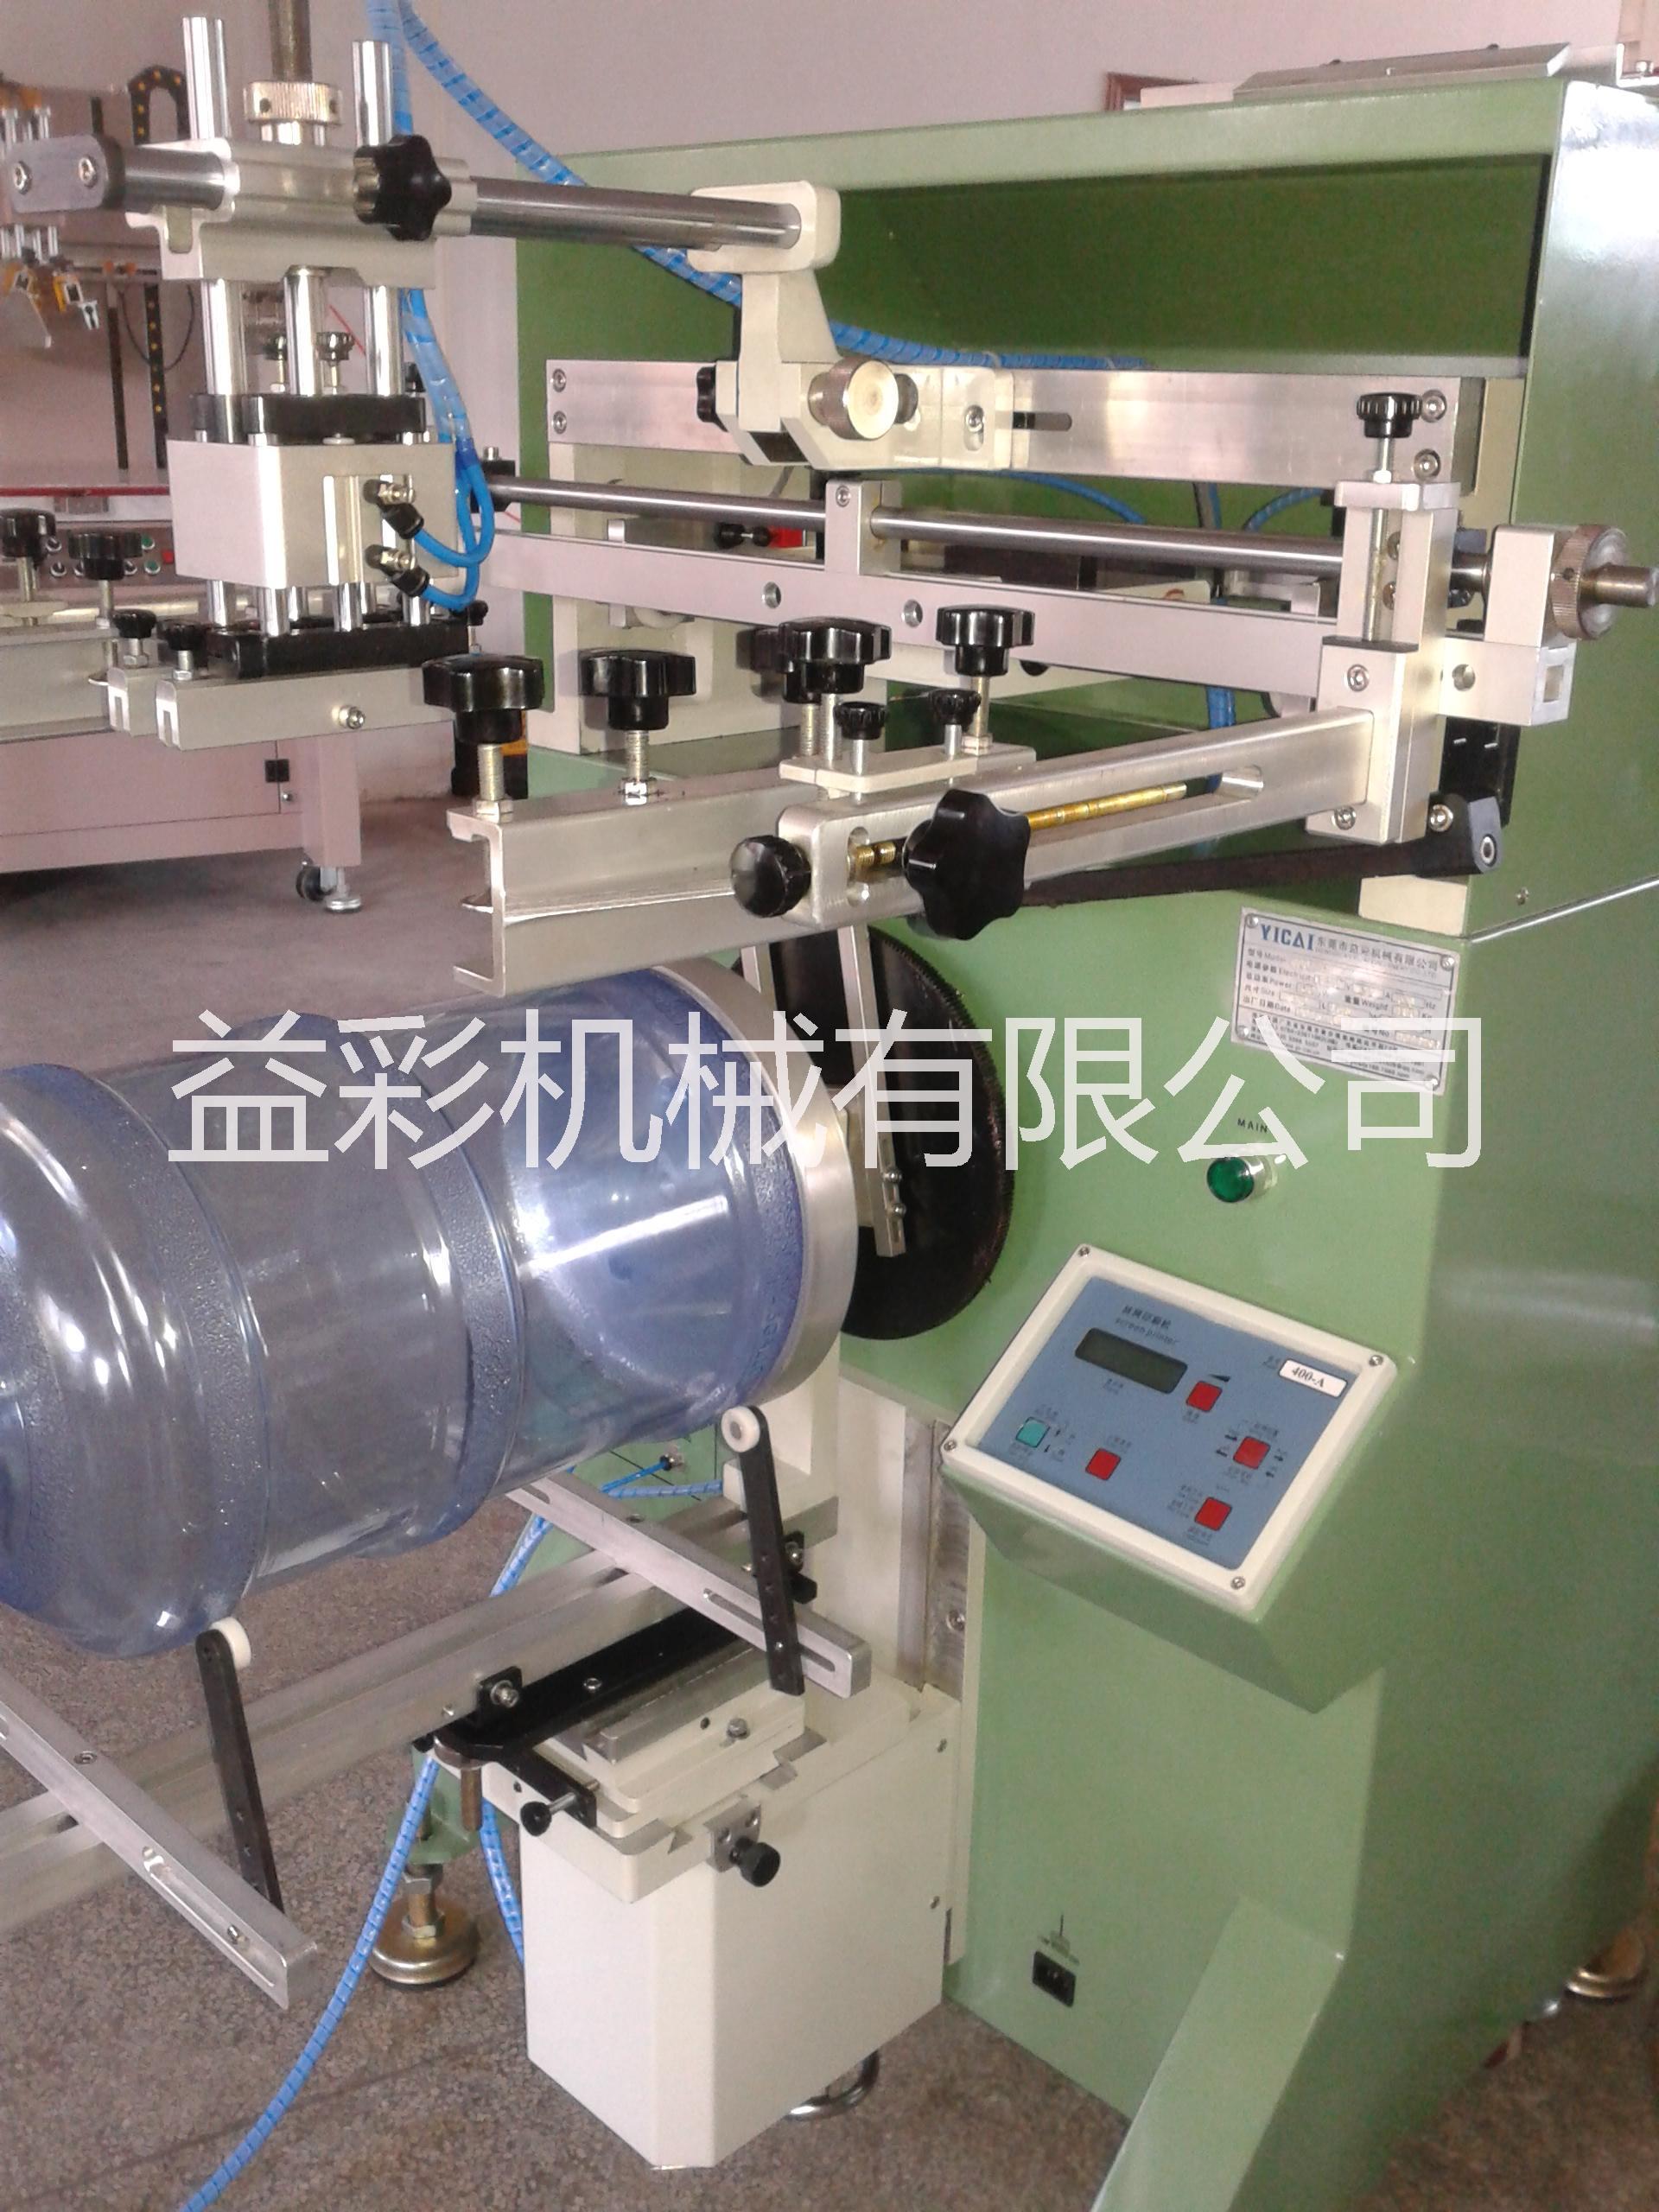 供应矿泉水桶丝印机圆面锥面丝网印刷机,印刷设备厂家,圆面锥面丝网印刷机原来